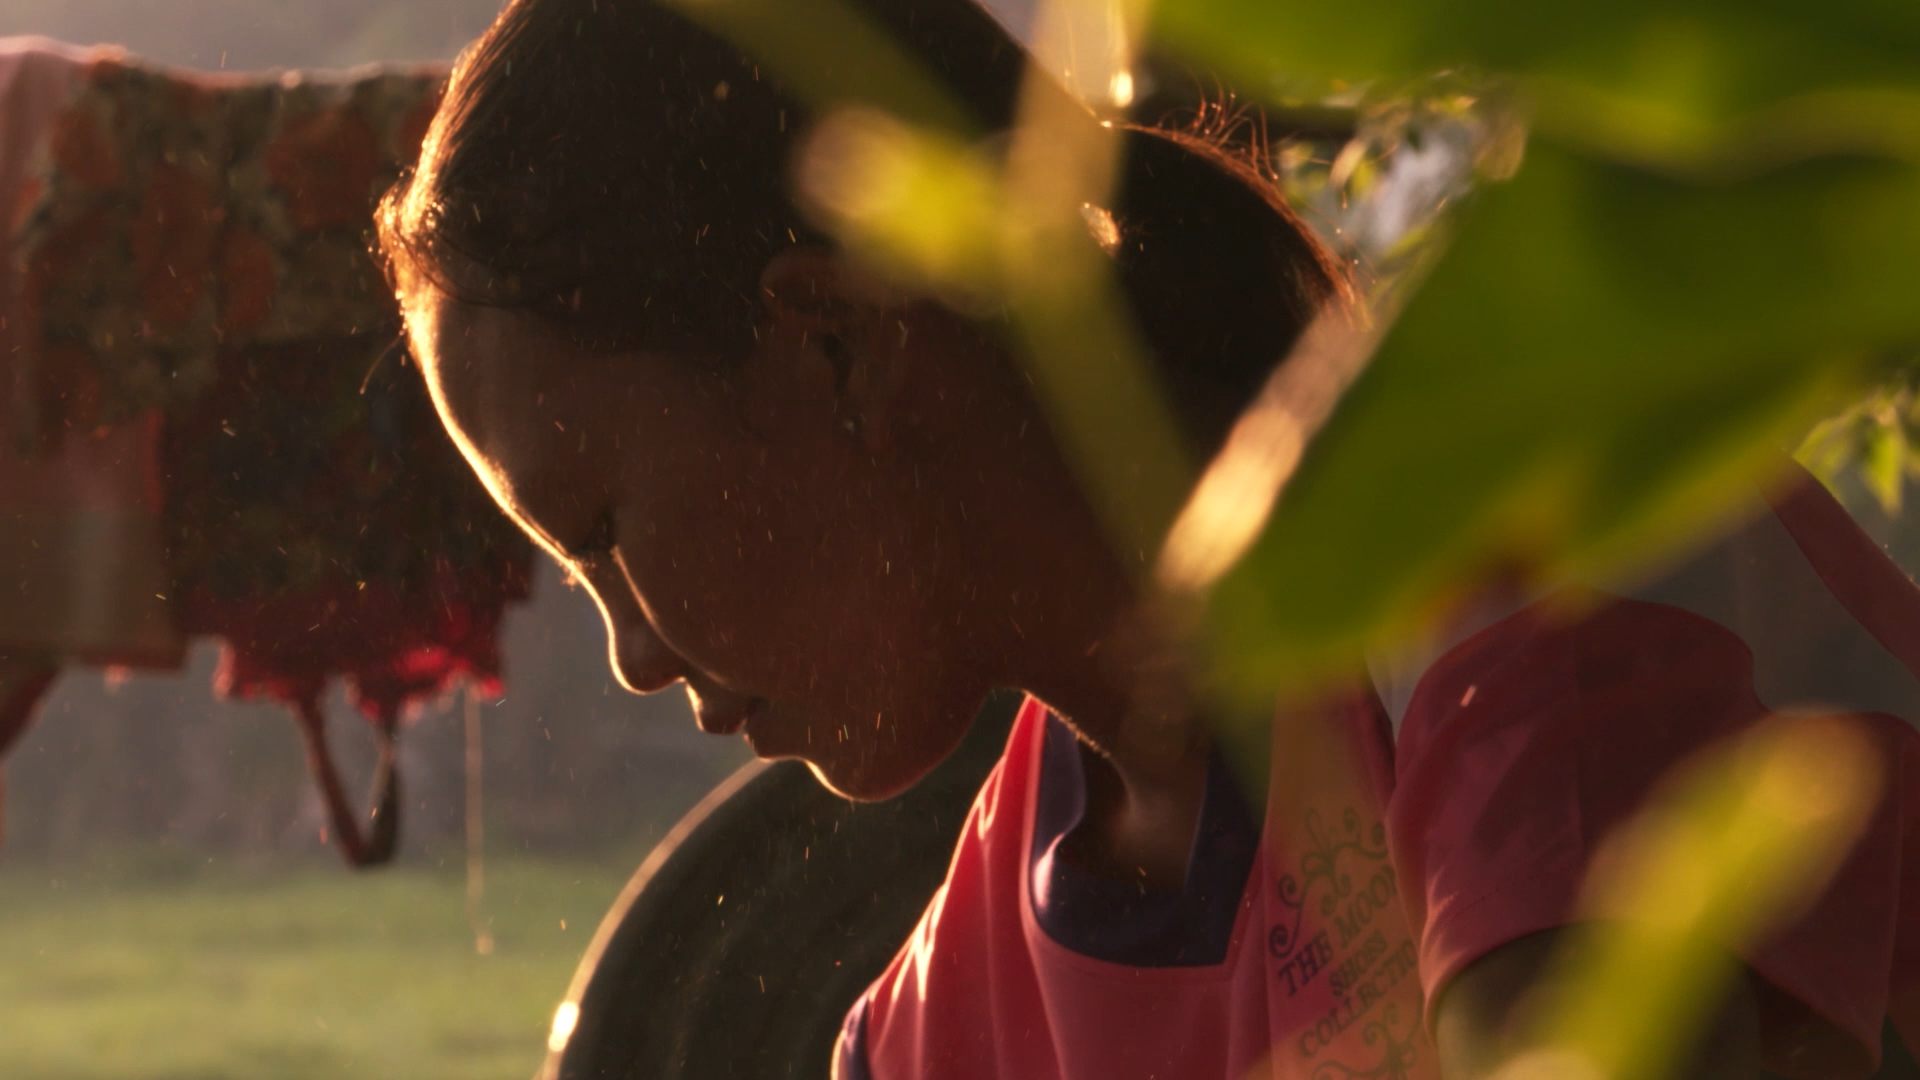 Caring for Cambodia - Yuta Yamaguchi